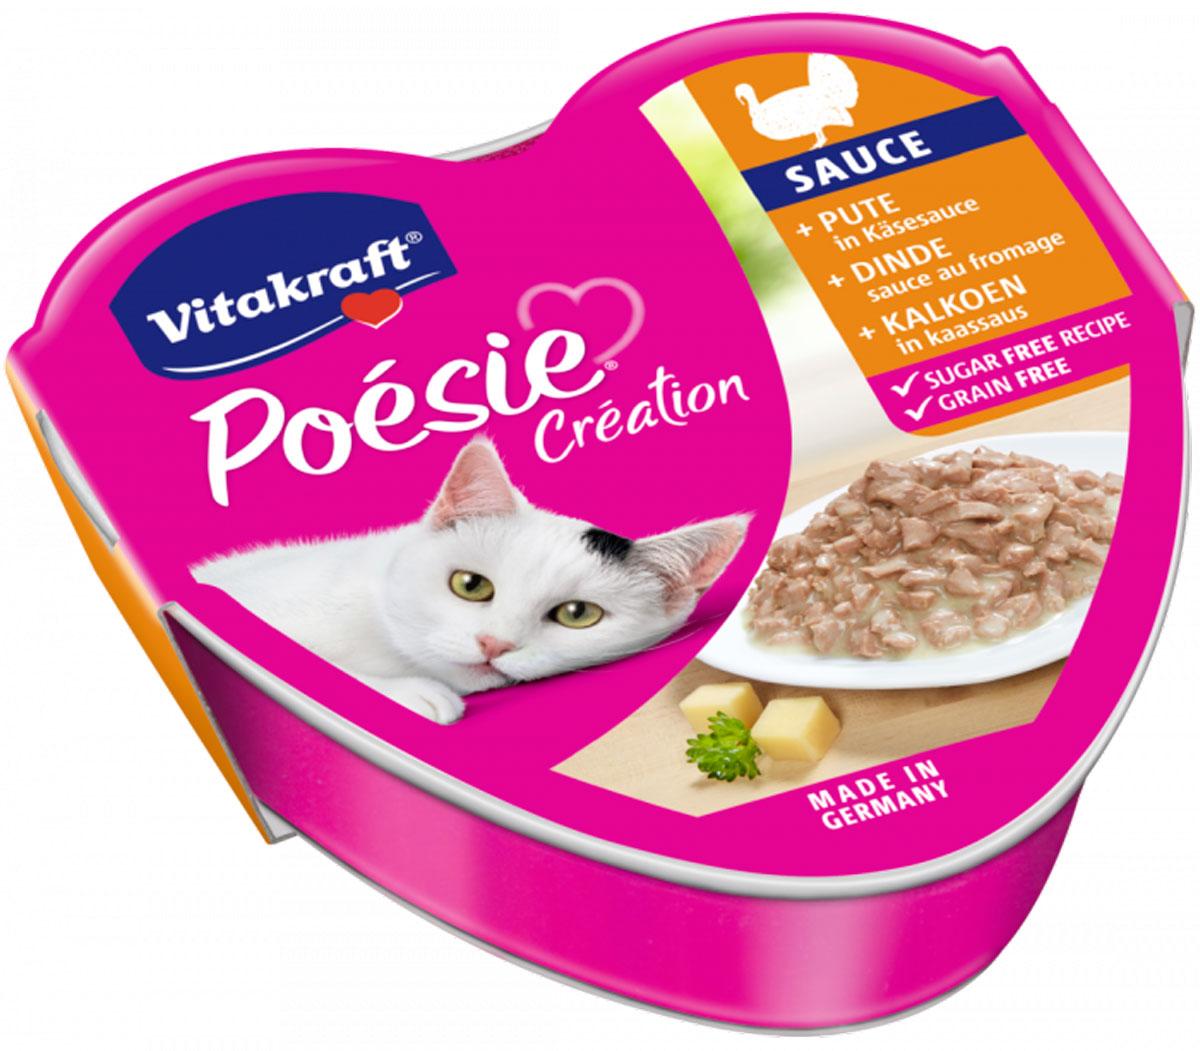 Vitakraft Poesie для взрослых кошек с индейкой в сырном соусе (85 гр).